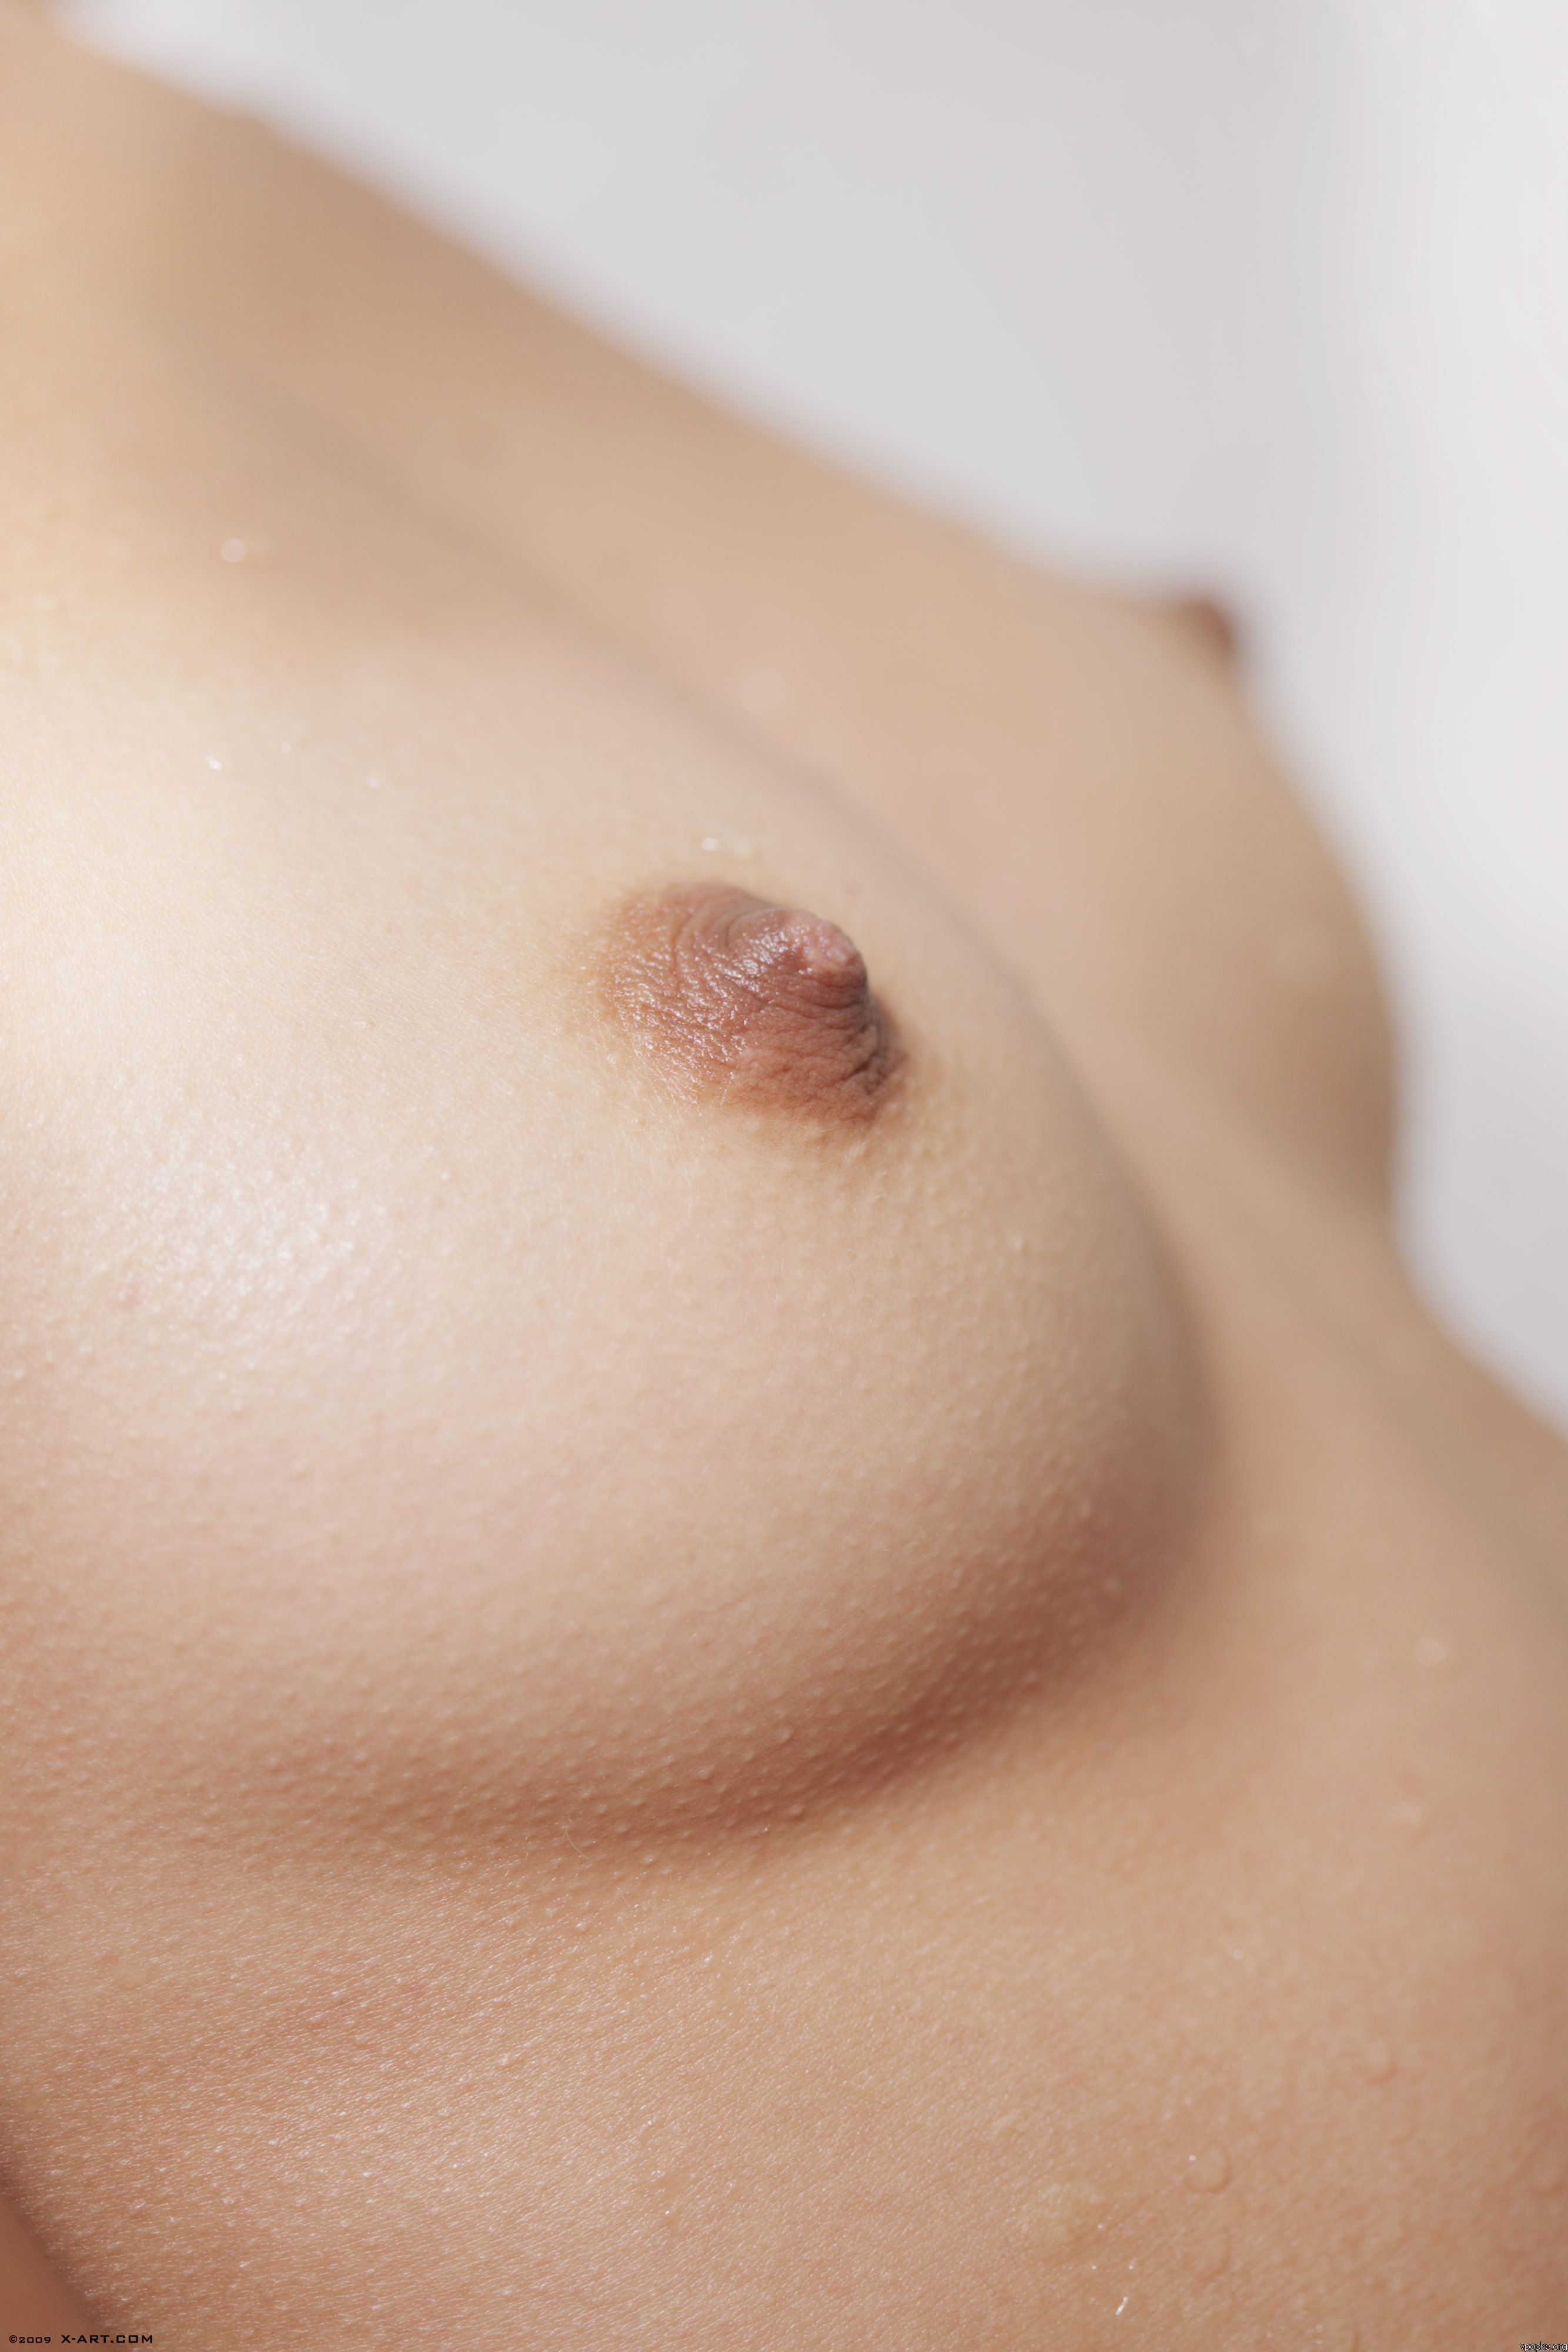 Смотреть на маленькую женскую грудь 18 фотография